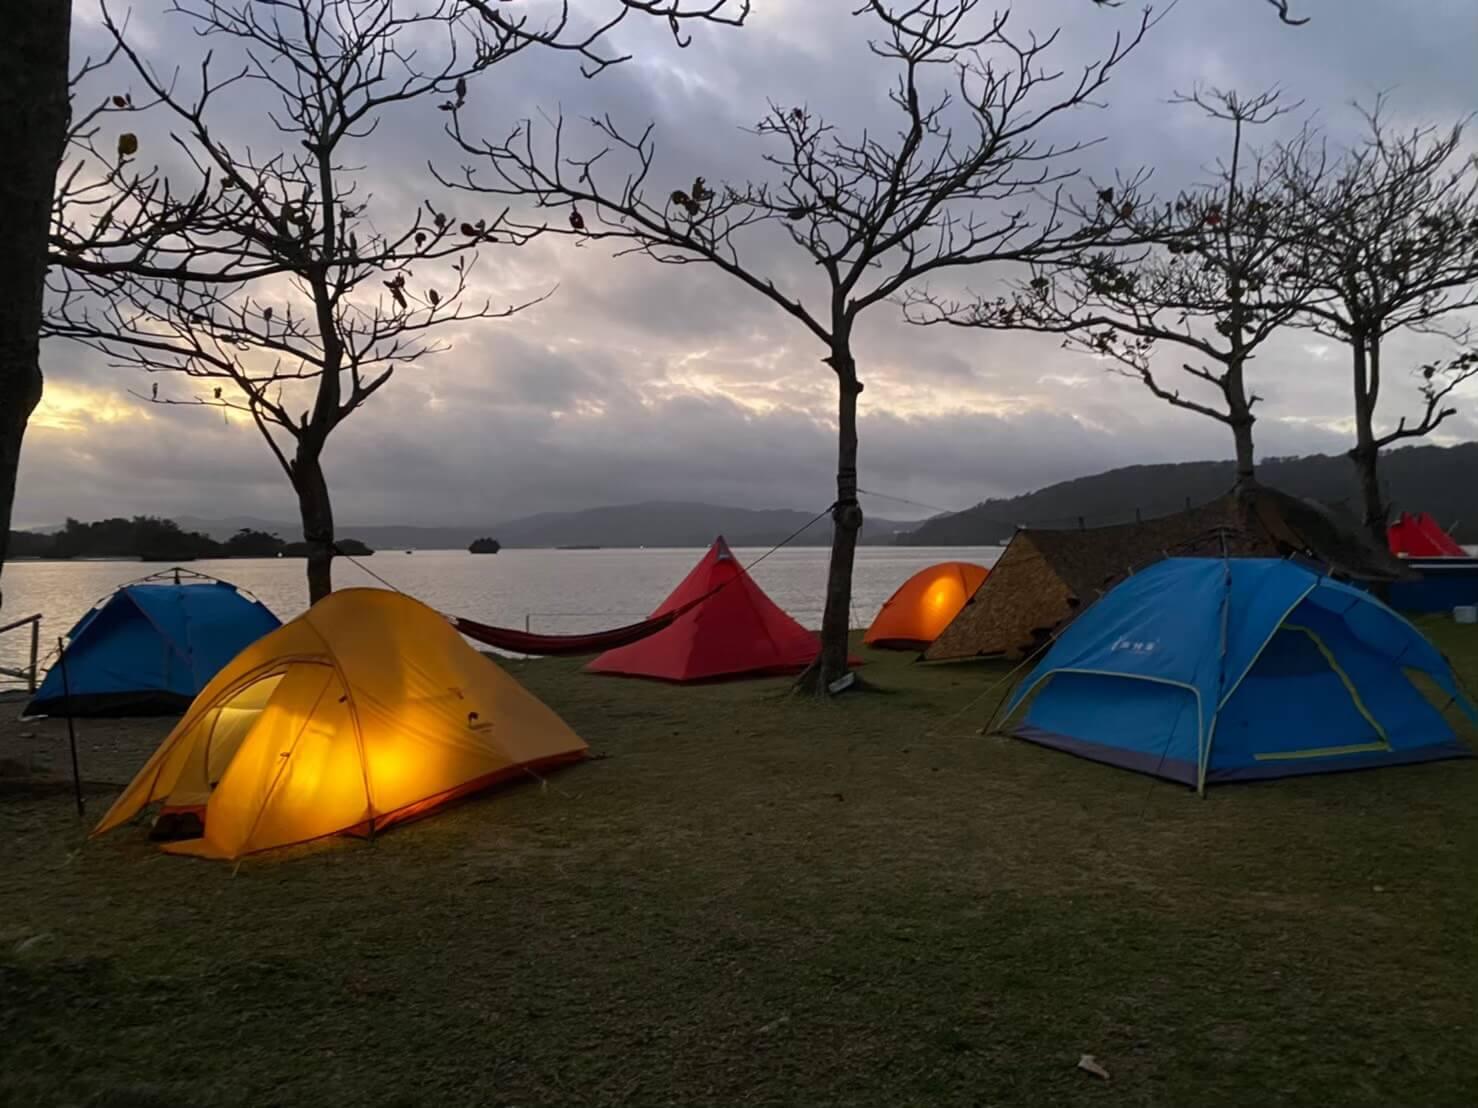 初めて買ったテントはなに?ファーストテントを振り返り、初心者にオススメなテントをまとめました!